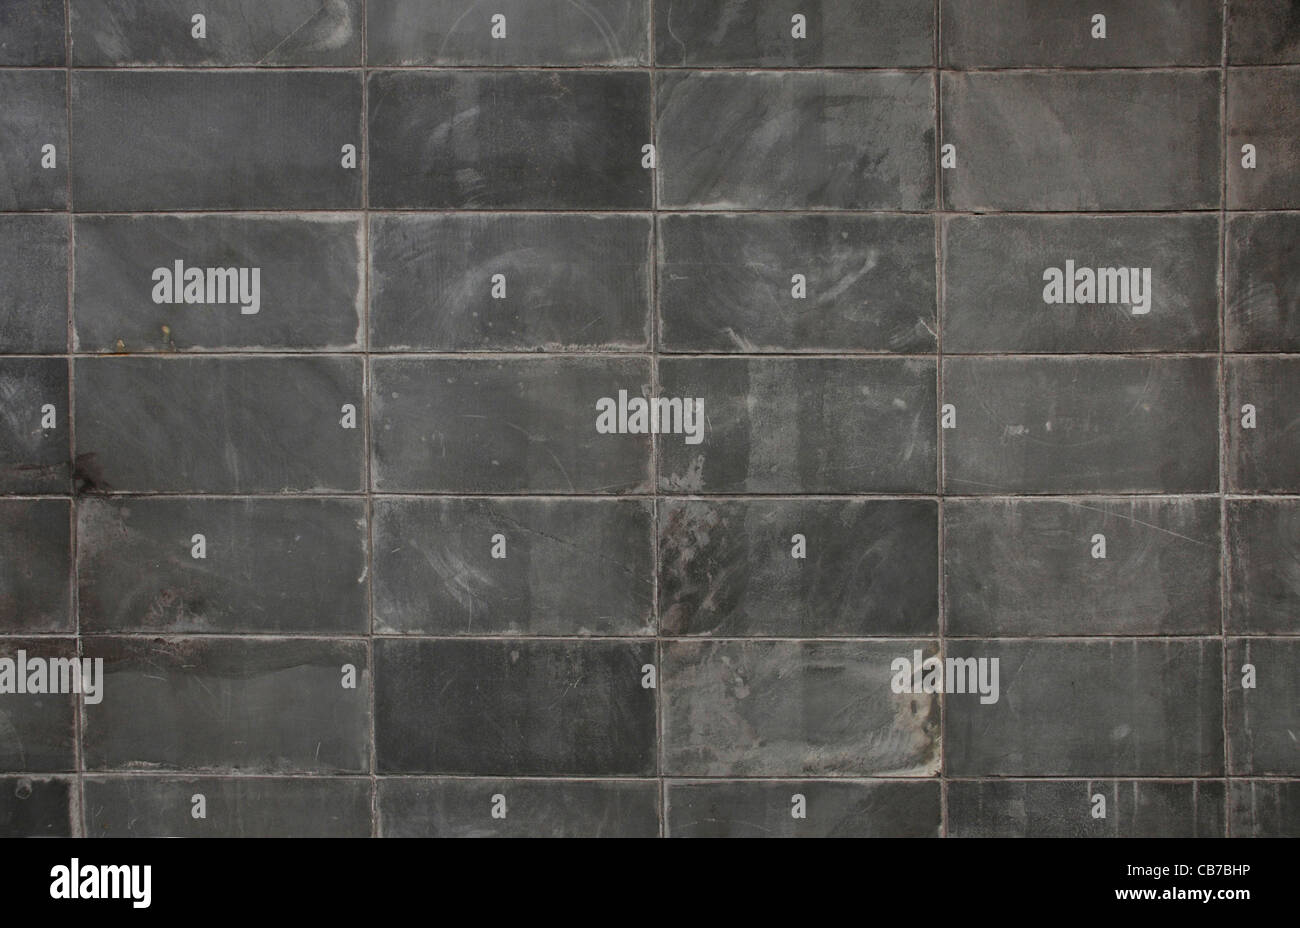 Dunklen grauen Block Wand Textur Oberfläche Hintergrund Stockbild